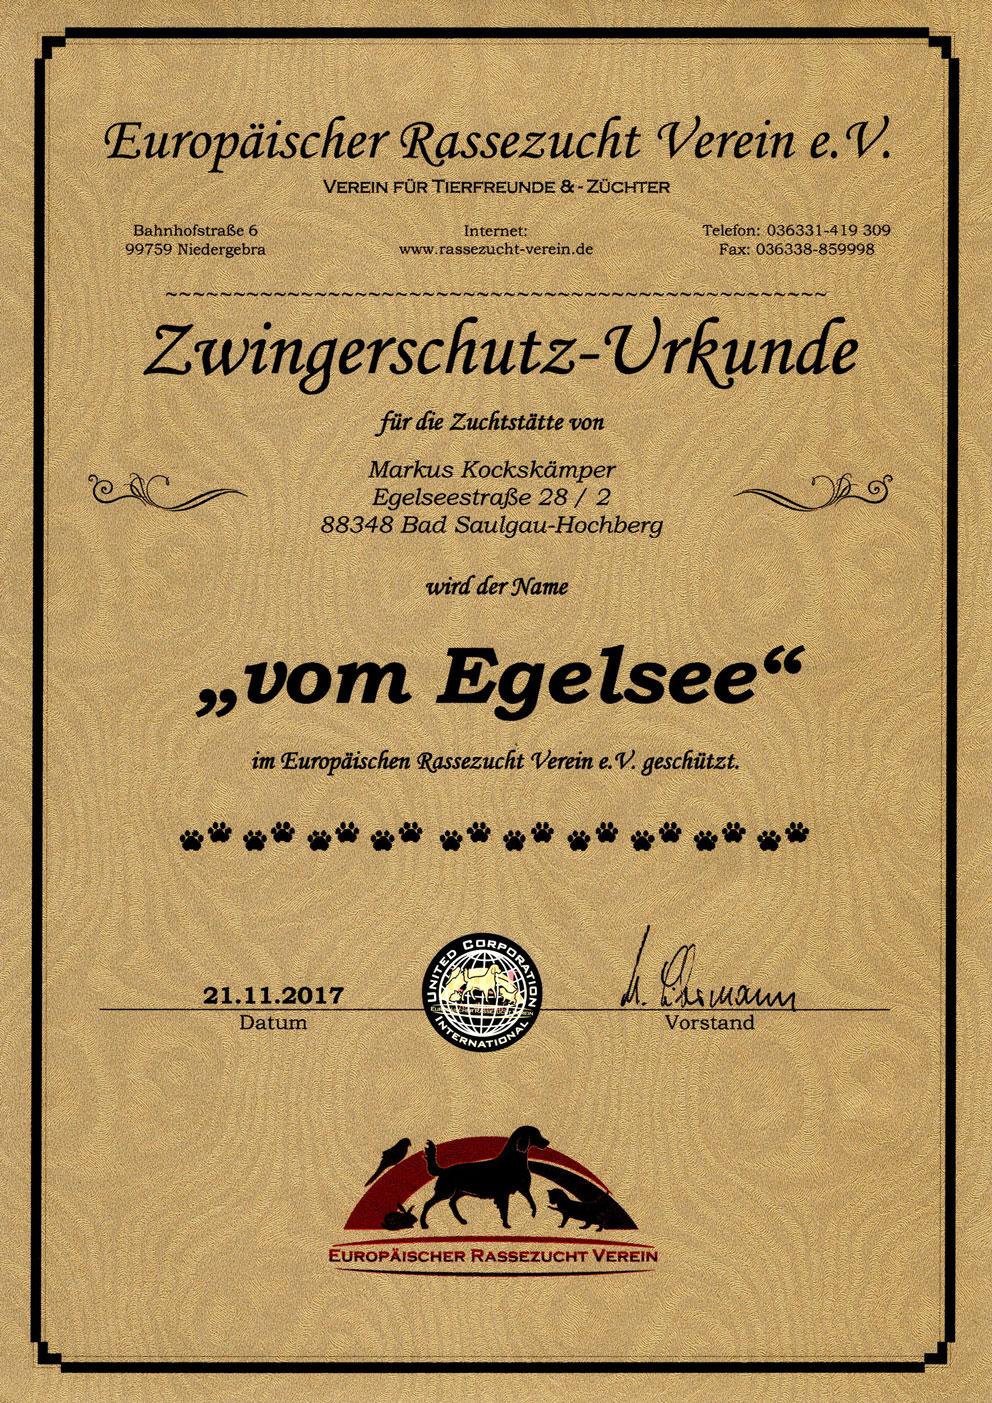 Europaeischer-Rassezucht-Verein_Zwingerschutz-Urkunde_Labradorzucht-vom-Egelsee_72dpi.jpg